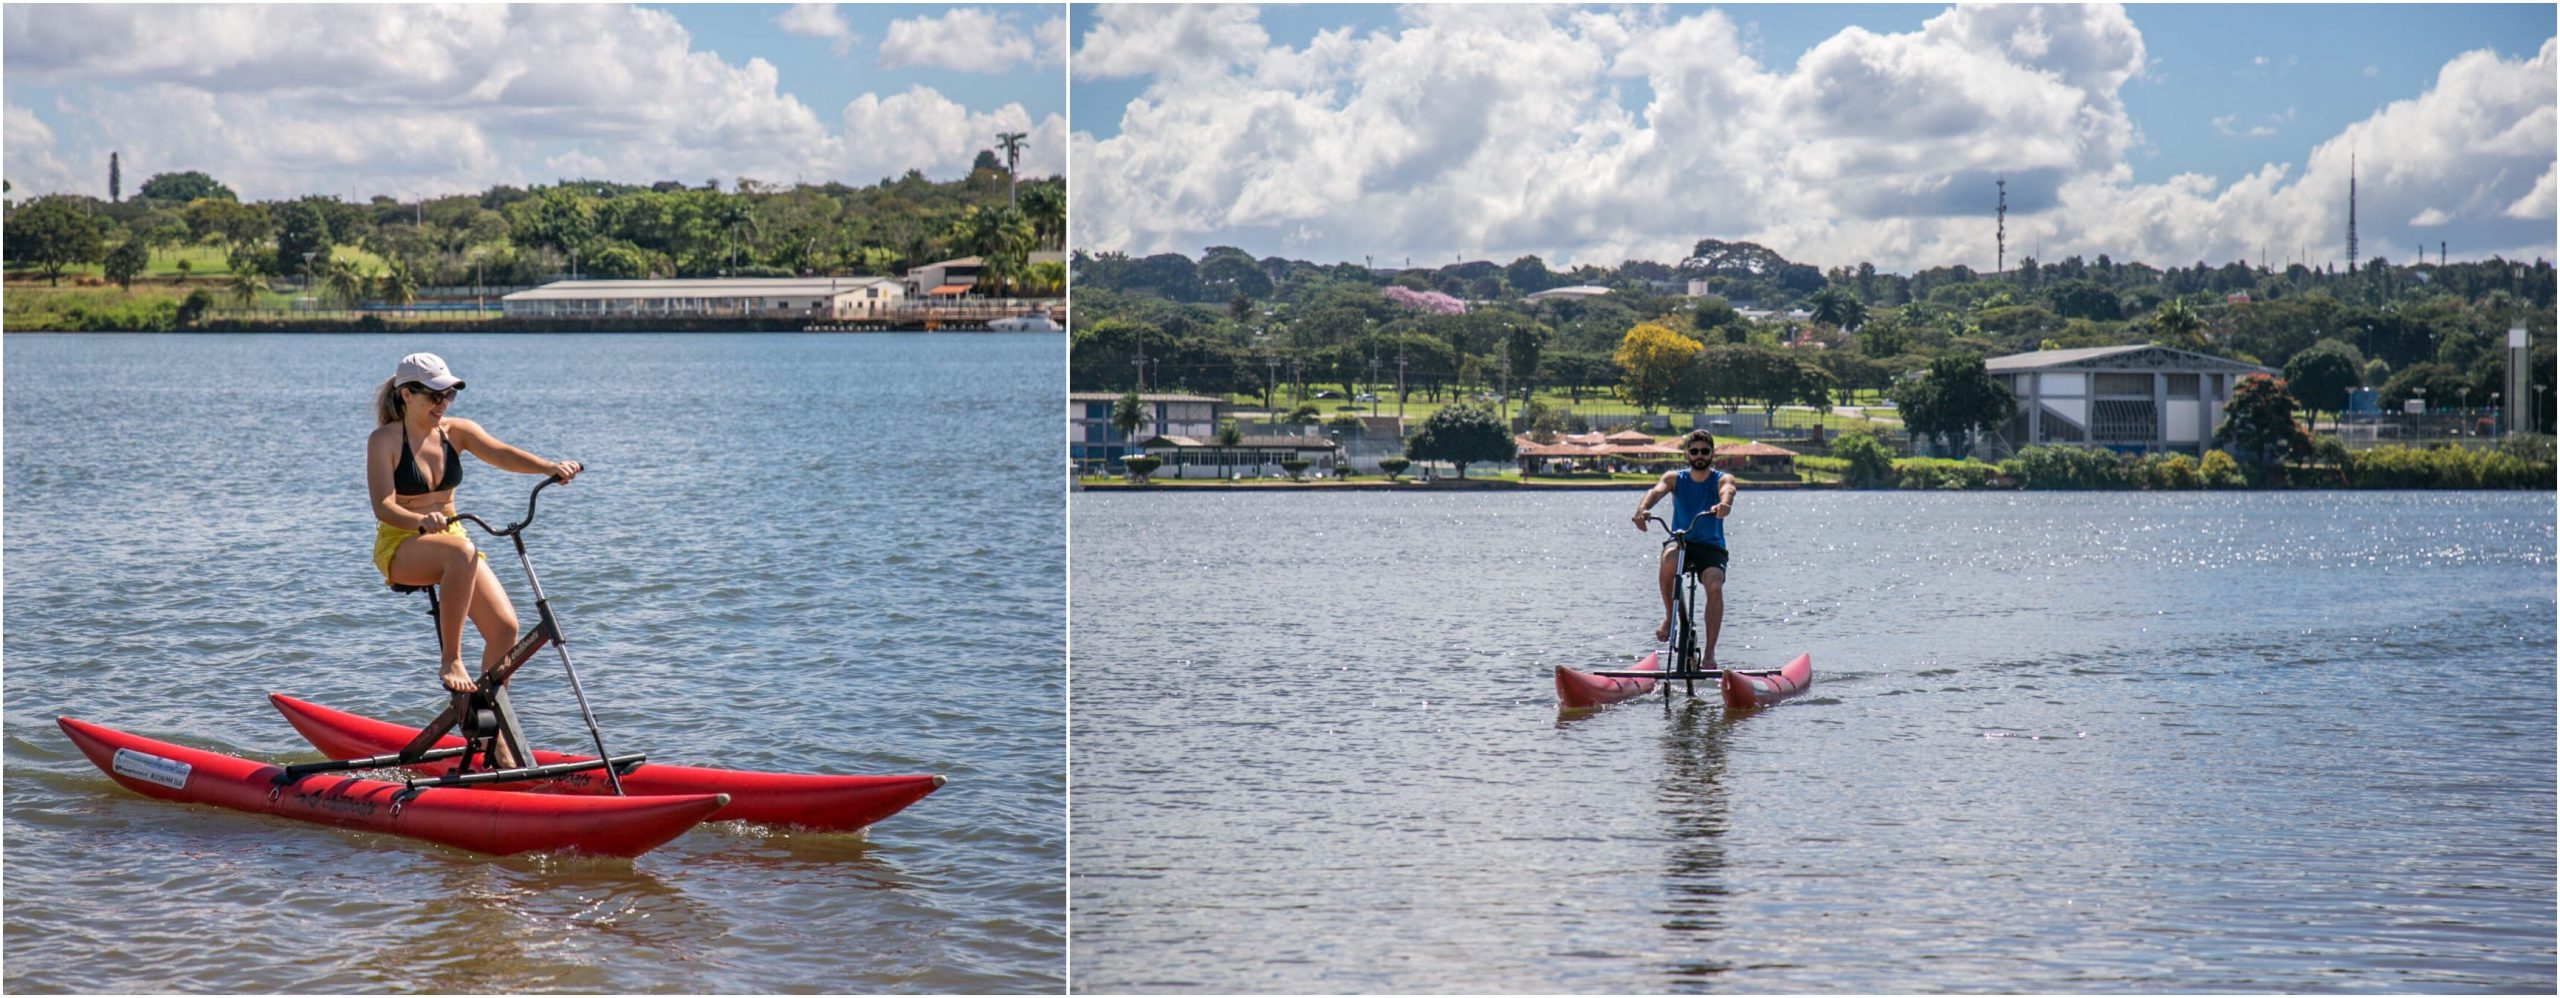 Pedalando no Lago Paranoá - Bicicleta Aquática